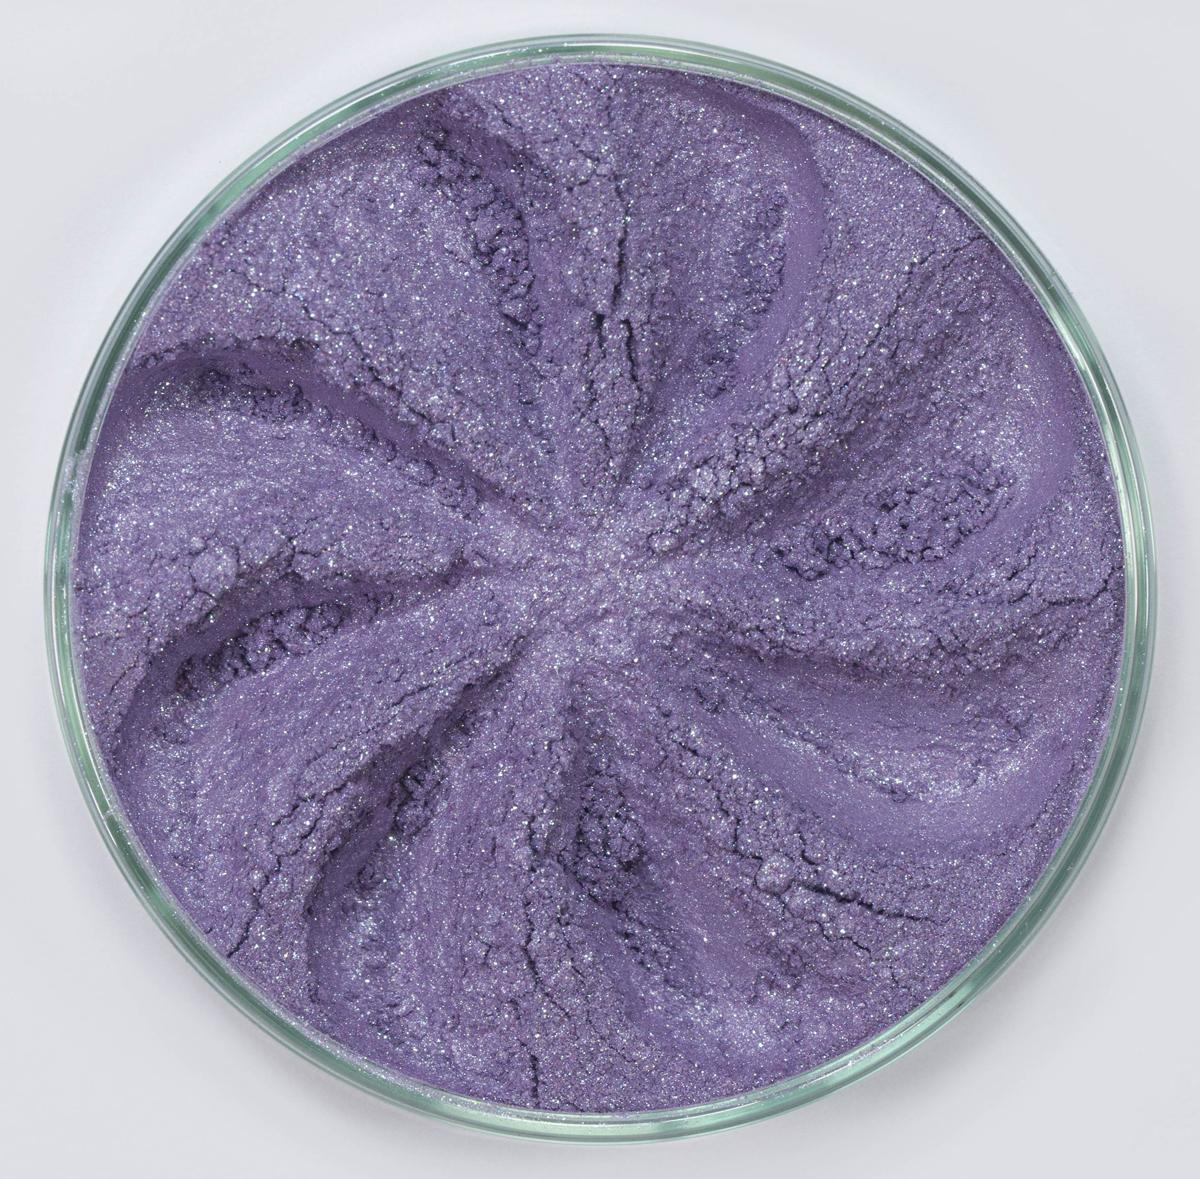 Era Minerals Минеральные Тени для век Jewel тон J26 (светло-аметистовый), 4 млSatin Hair 7 BR730MNТени для век Jewel обеспечивают комплексное покрытие, своим сиянием напоминающее как глубину, так и лучезарный блеск драгоценного камня. Текстура теней содержит в себе цвет-основу с содержанием крошечных мерцающих частиц, превосходно сочетающихся с основным цветом.Сильные и яркие минеральные пигментыМожно наносить как влажным, так и сухим способомБез отдушек и содержания масел, для всех типов кожиДерматологически протестировано, не аллергенноНе тестировано на животныхВес нетто 1г (стандартный размер)